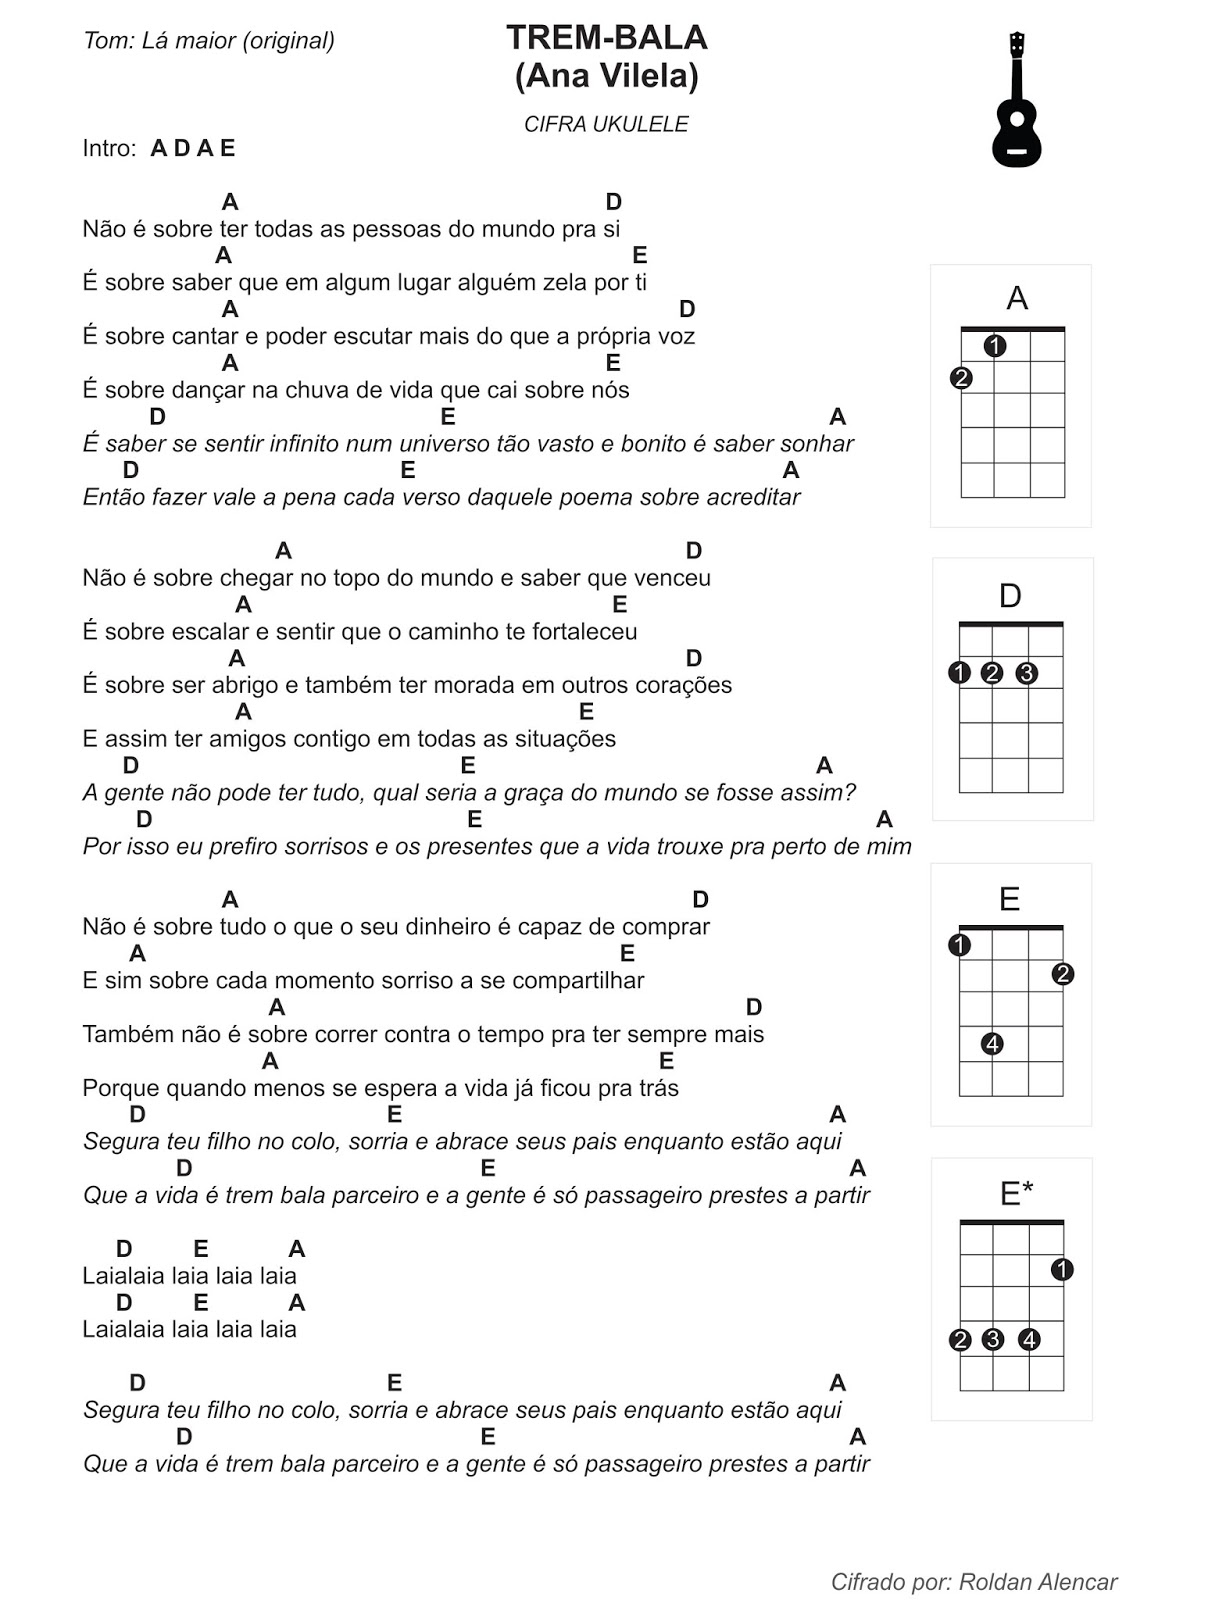 Cifras Em Desenho ~ Caos Controlado Trem Bala Ana Vilela Cifra ukulele (Lá maior e Sol maior)